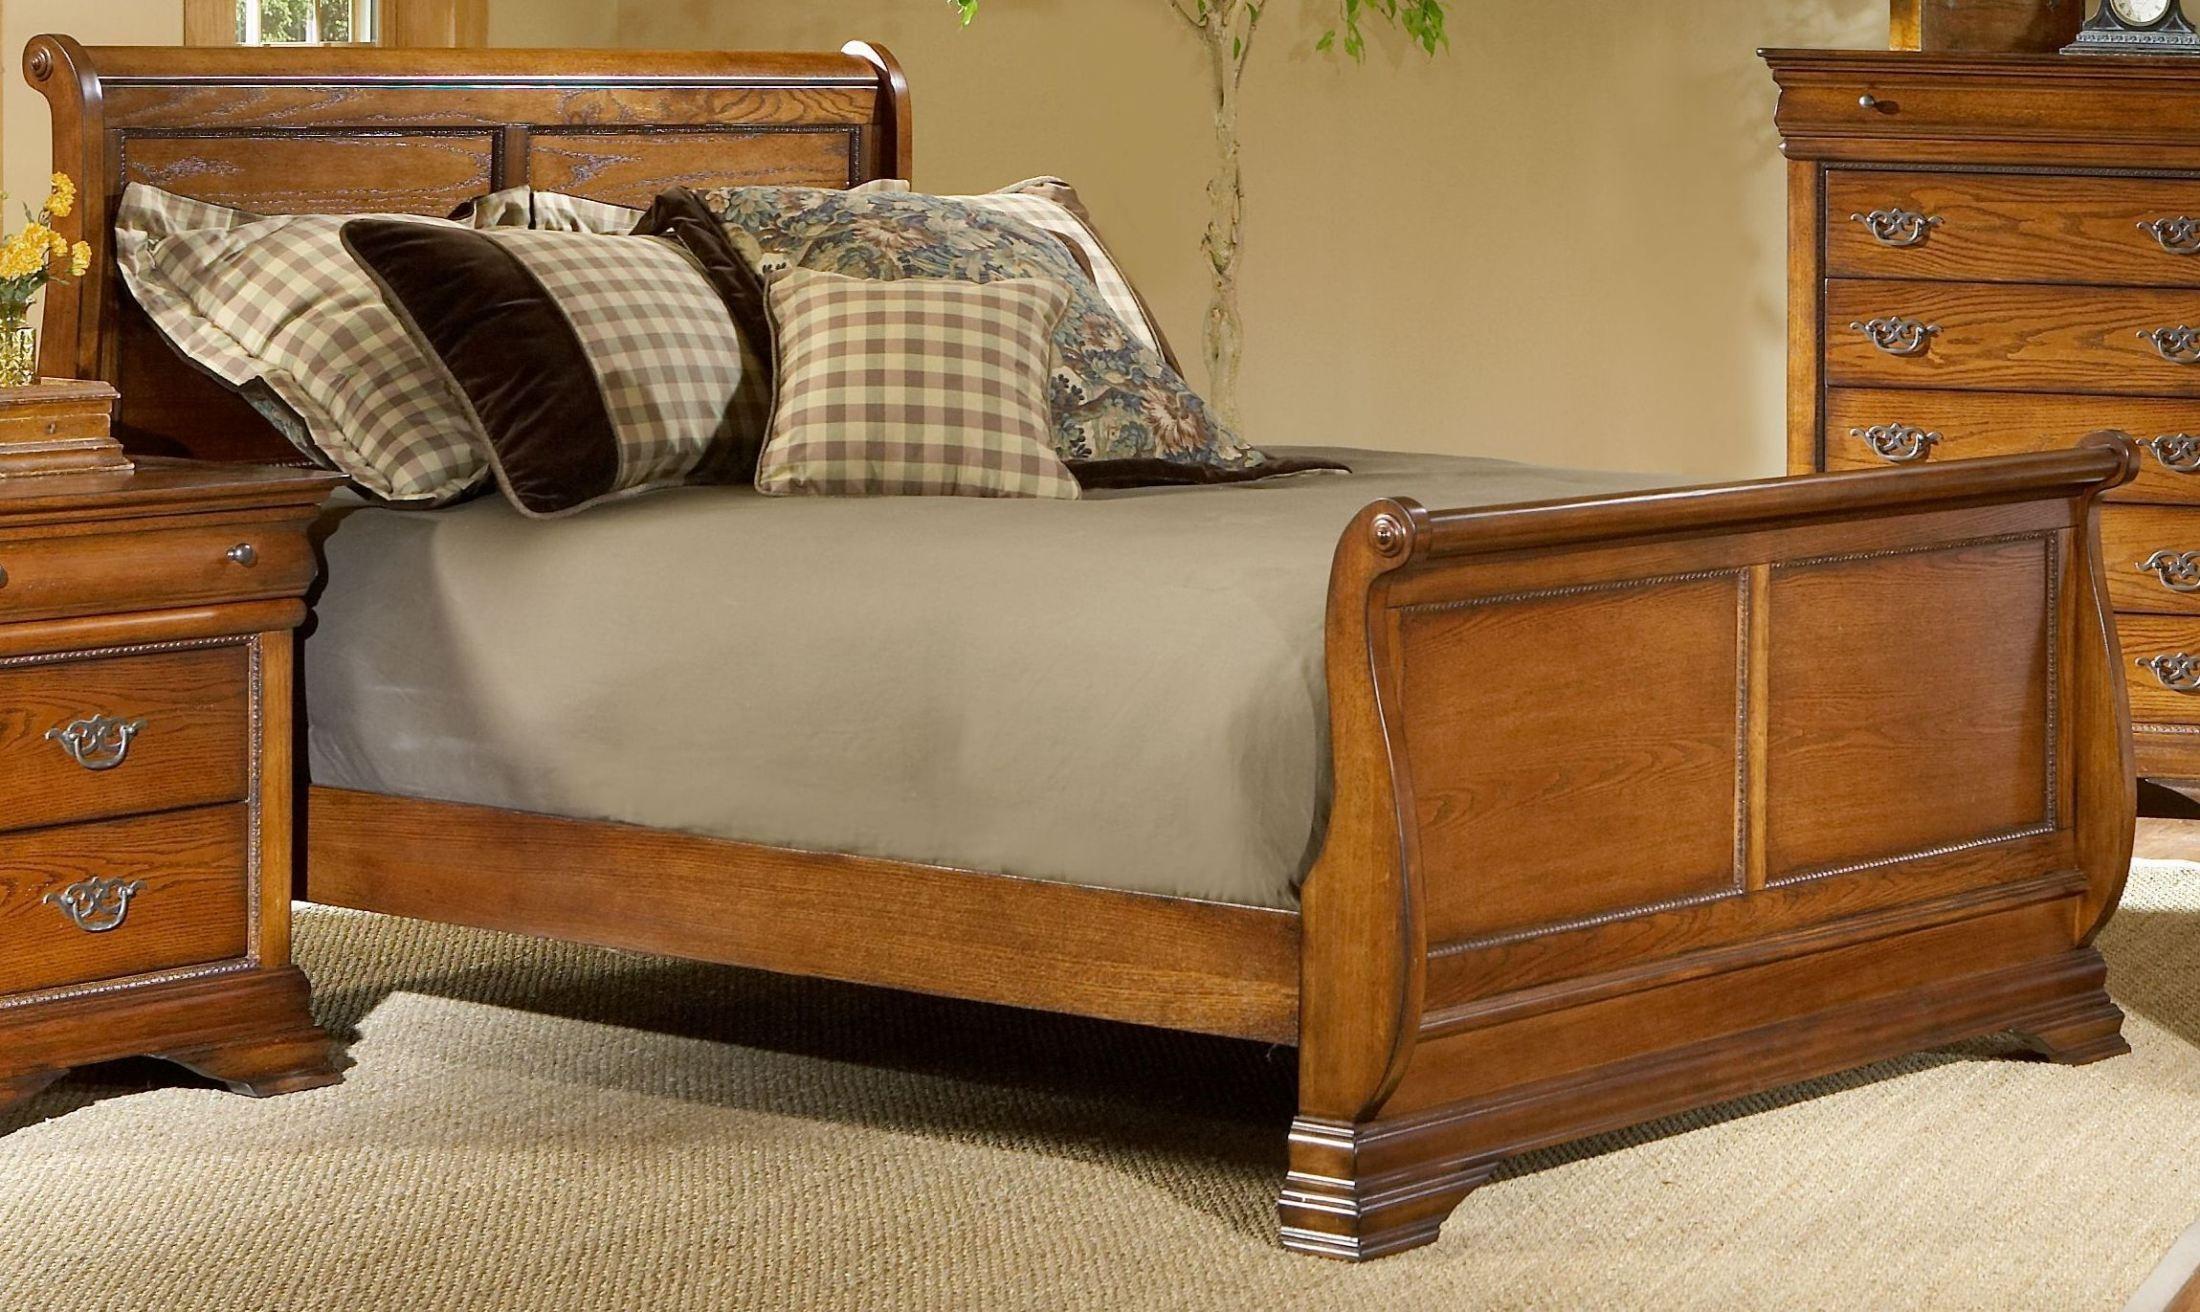 shenandoah american oak king sleigh bed b4850 61h 61f 61r. Black Bedroom Furniture Sets. Home Design Ideas